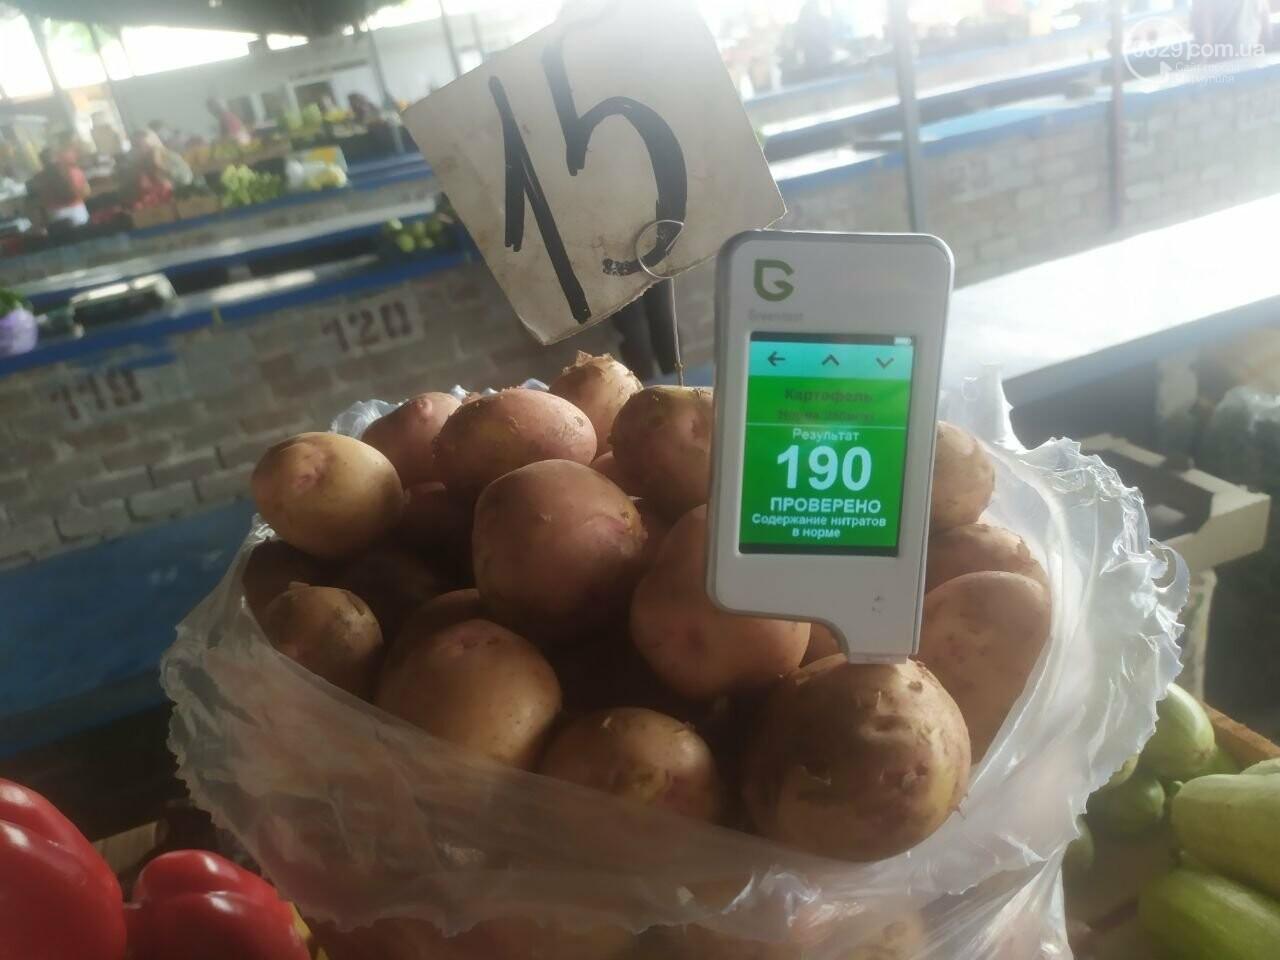 Опасна ли картошка, которую продают в Мариуполе, фото-6